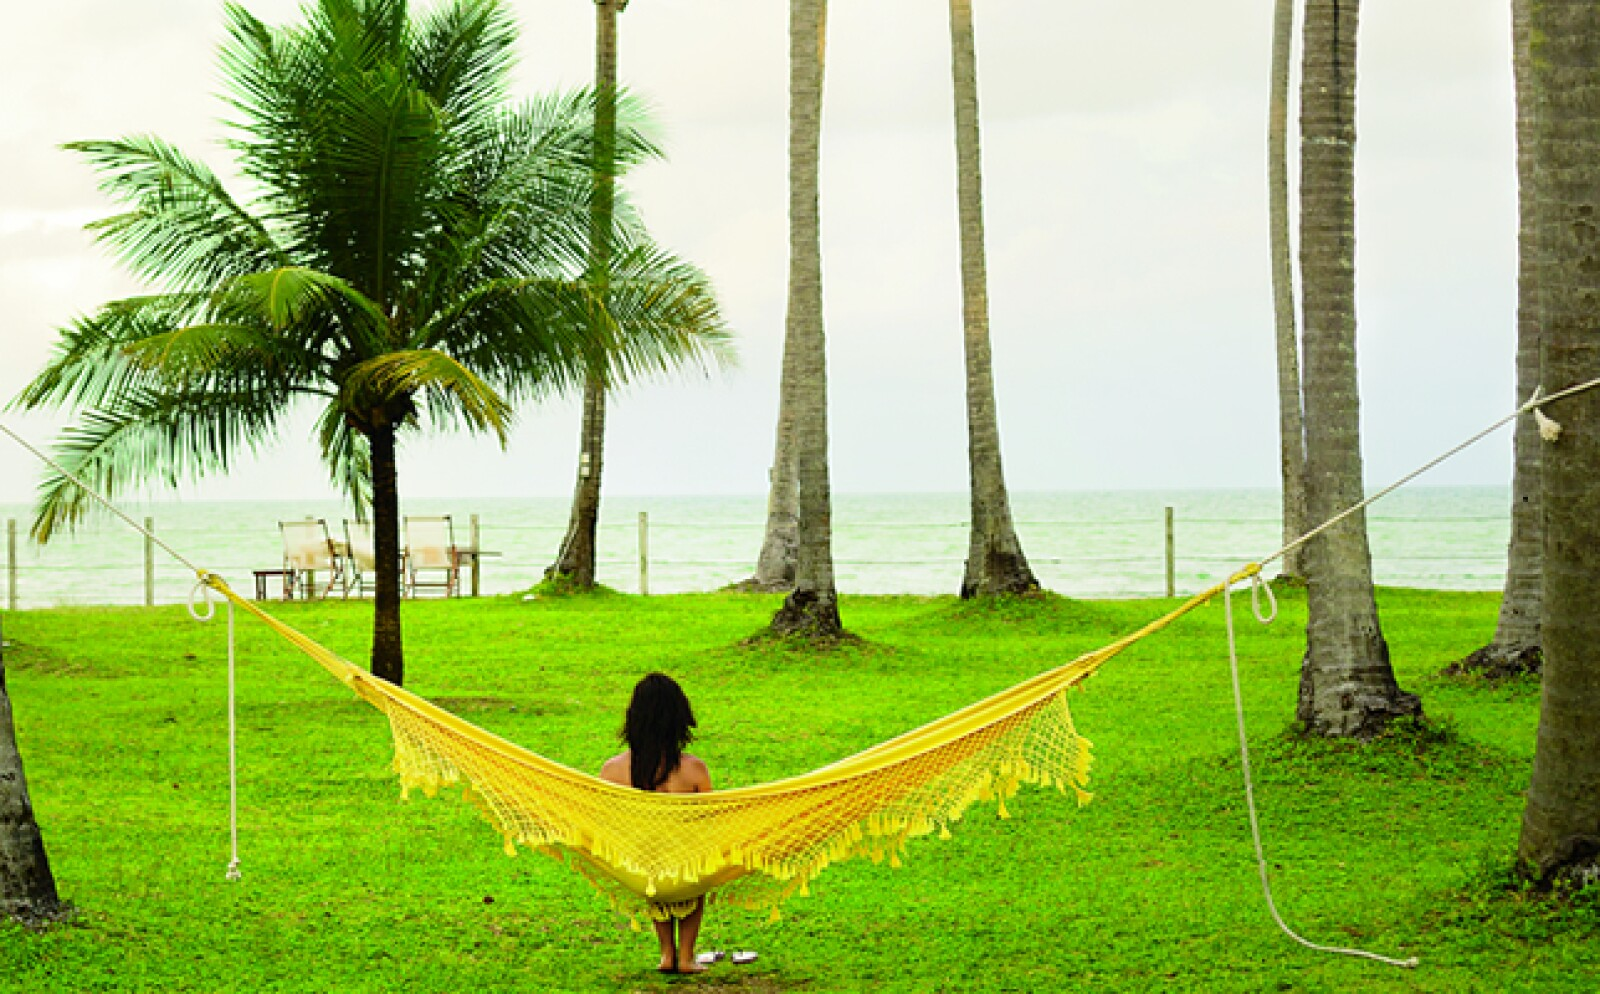 Ubicada en el distrito de Tamandaré, la playa invita al descanso. Para disfrutarla puedes alojarte en el Pontal Praia Dos Carneiros, una de las mejores opciones de hospedaje, donde puedes alquilar sólo una habitación o un piso entero.